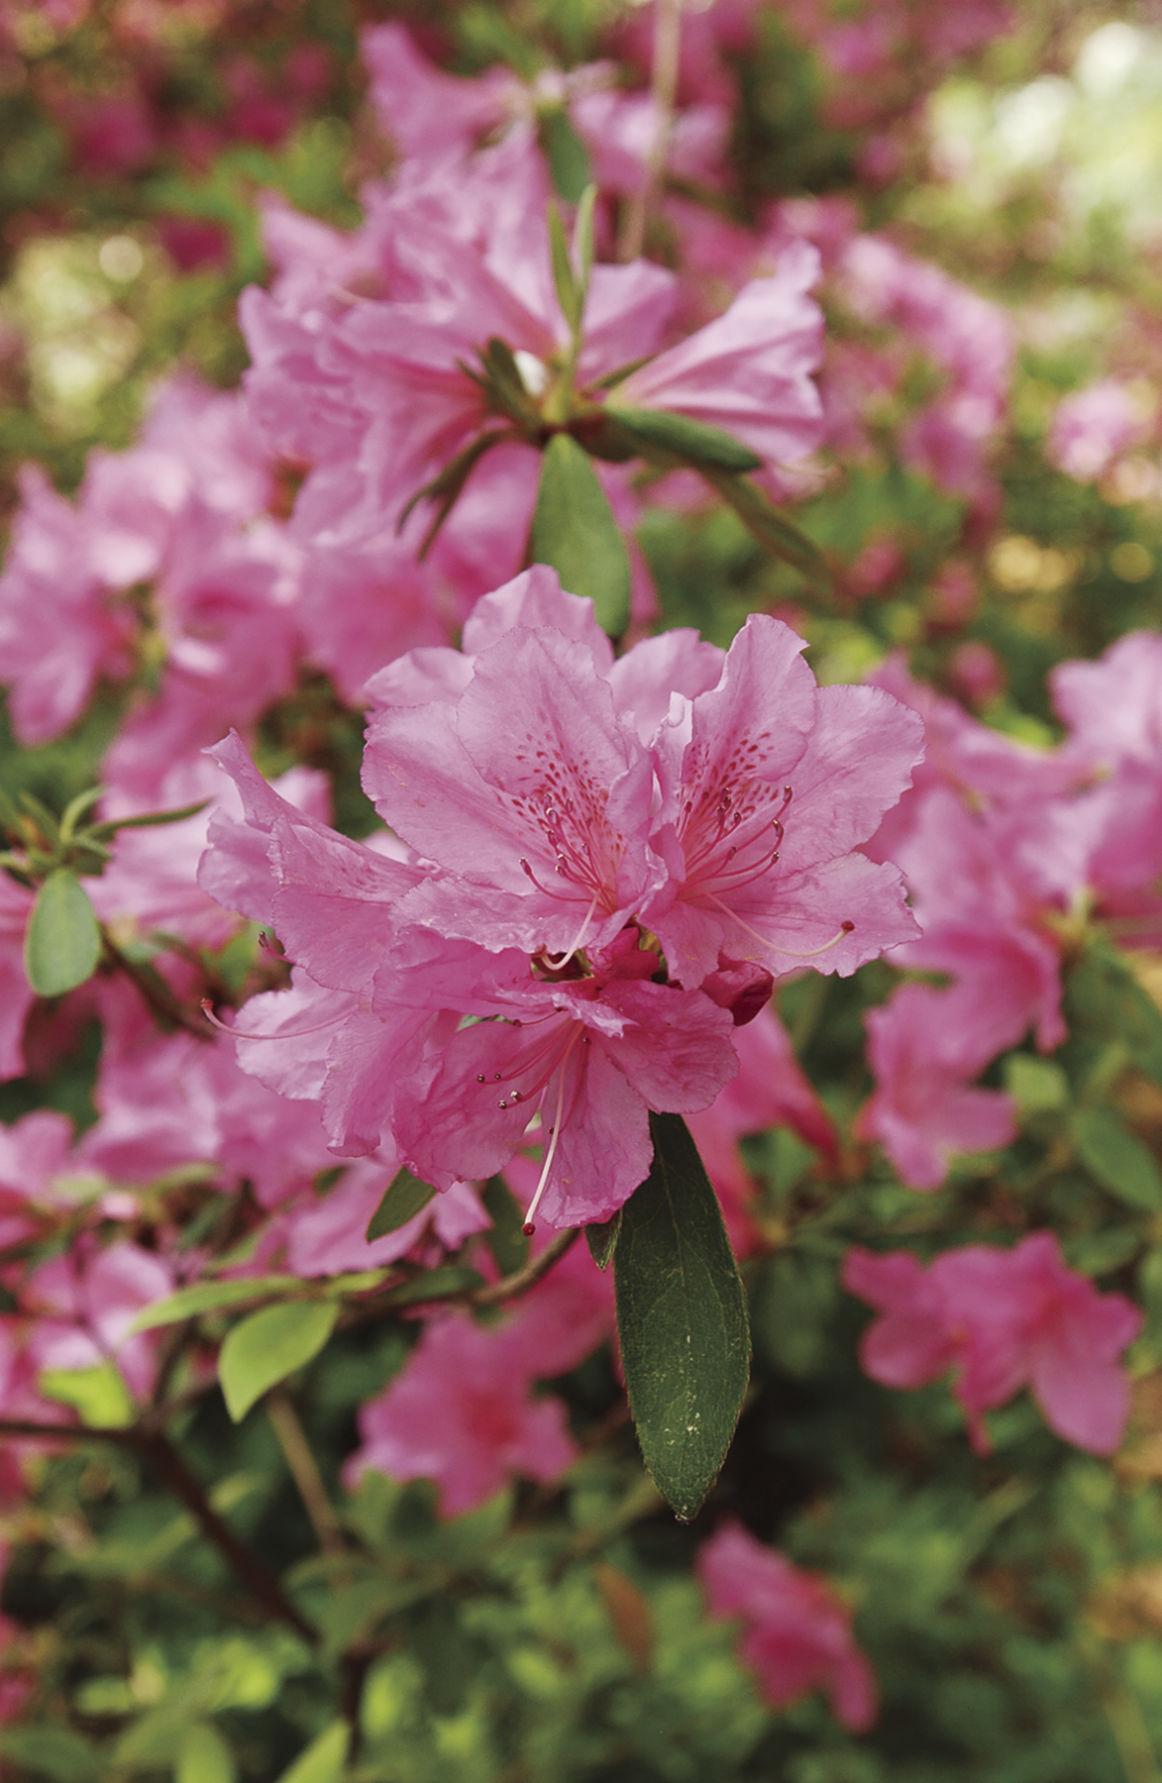 031617_springblooms